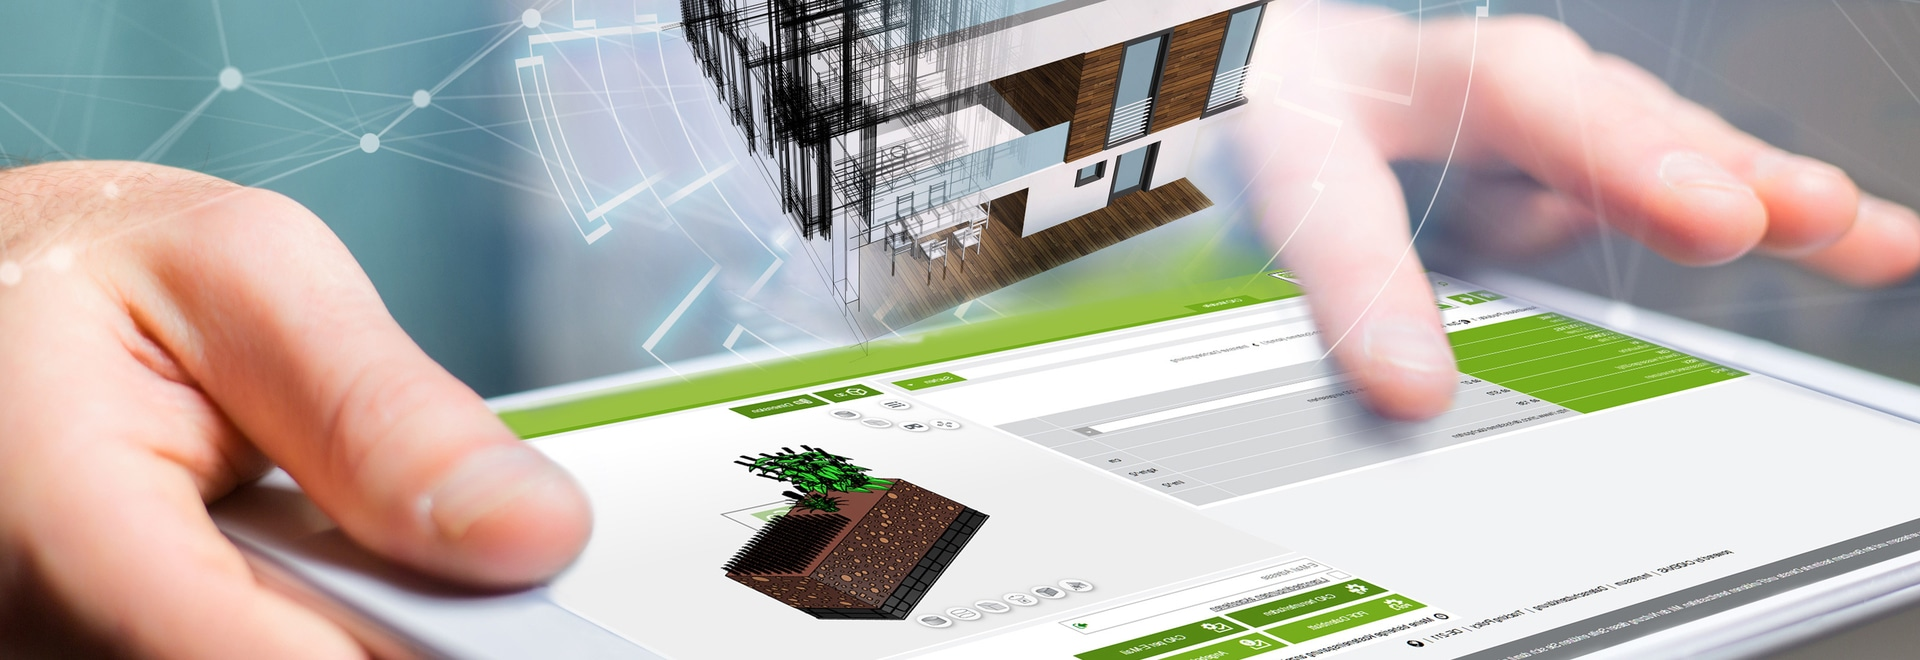 Bien preparado para las necesidades futuras del planeamiento verde del tejado